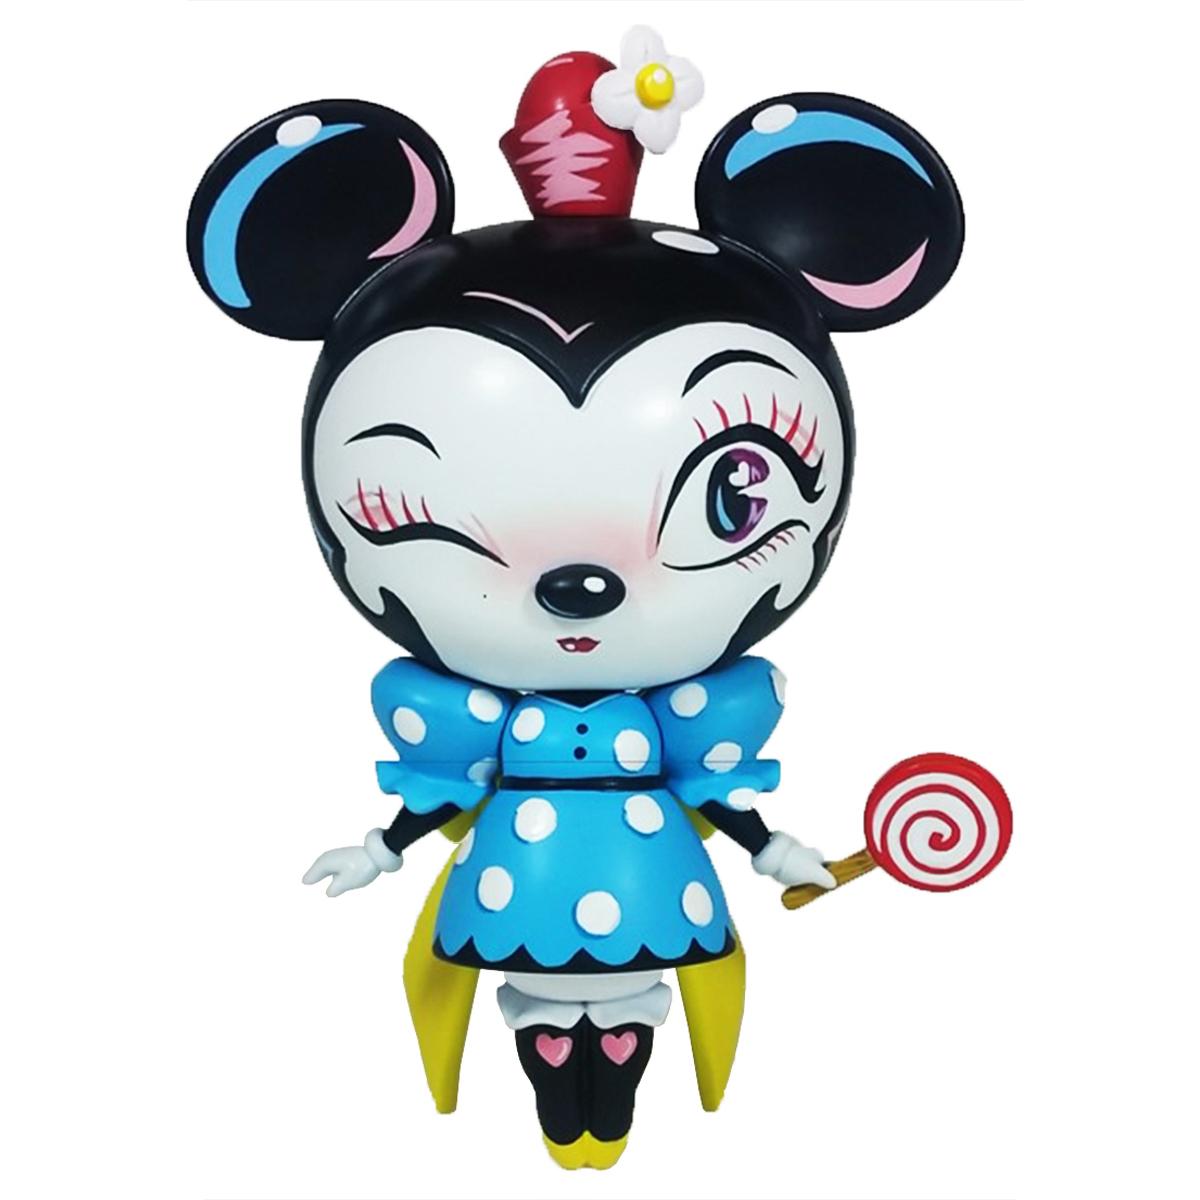 Figurine créateur \'Minnie\'  (Miss Mindy) - 175x12x75 cm - [Q5107]